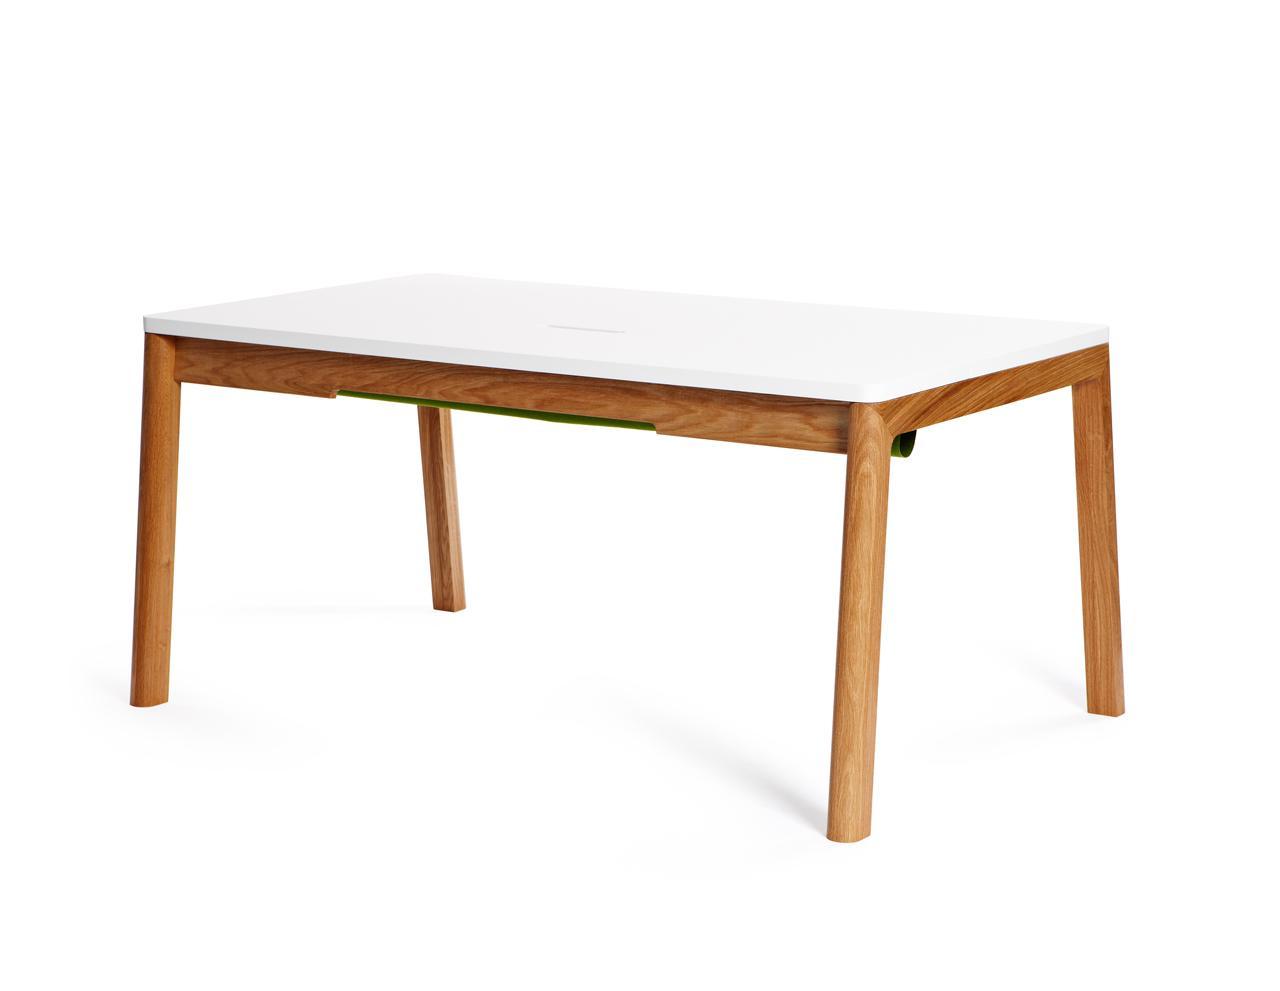 schreibtisch in wei und holz 140 cm. Black Bedroom Furniture Sets. Home Design Ideas